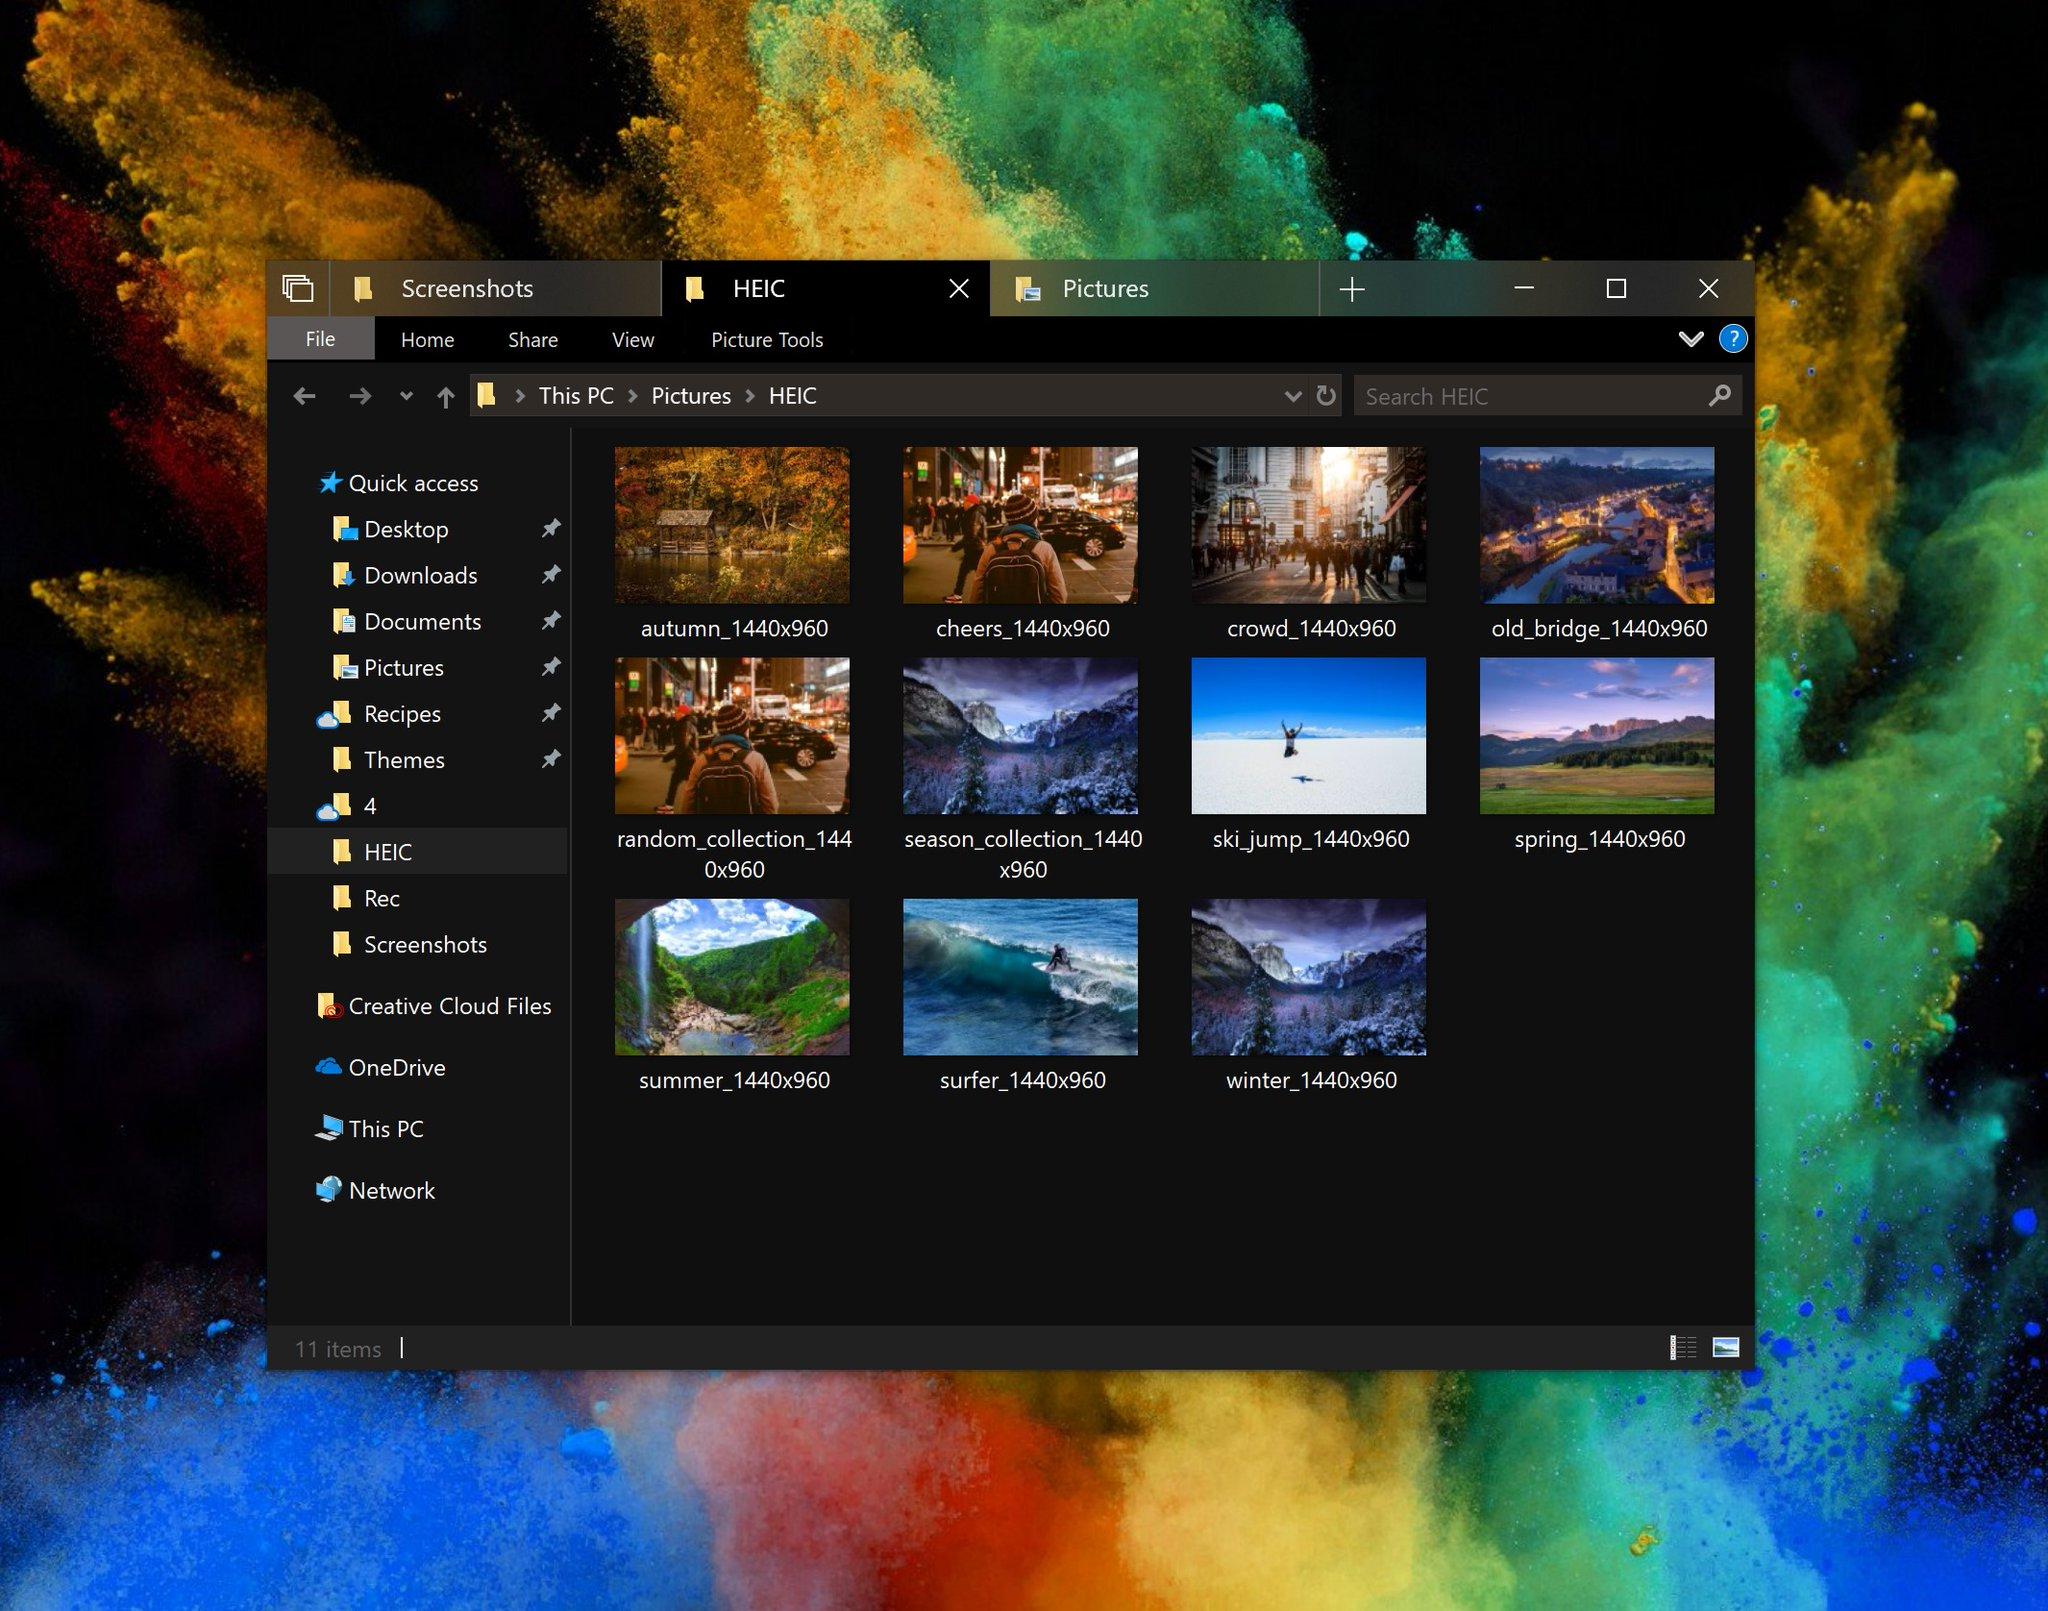 Windows 10's Dark Theme for File Explorer Finally Ready to Take on